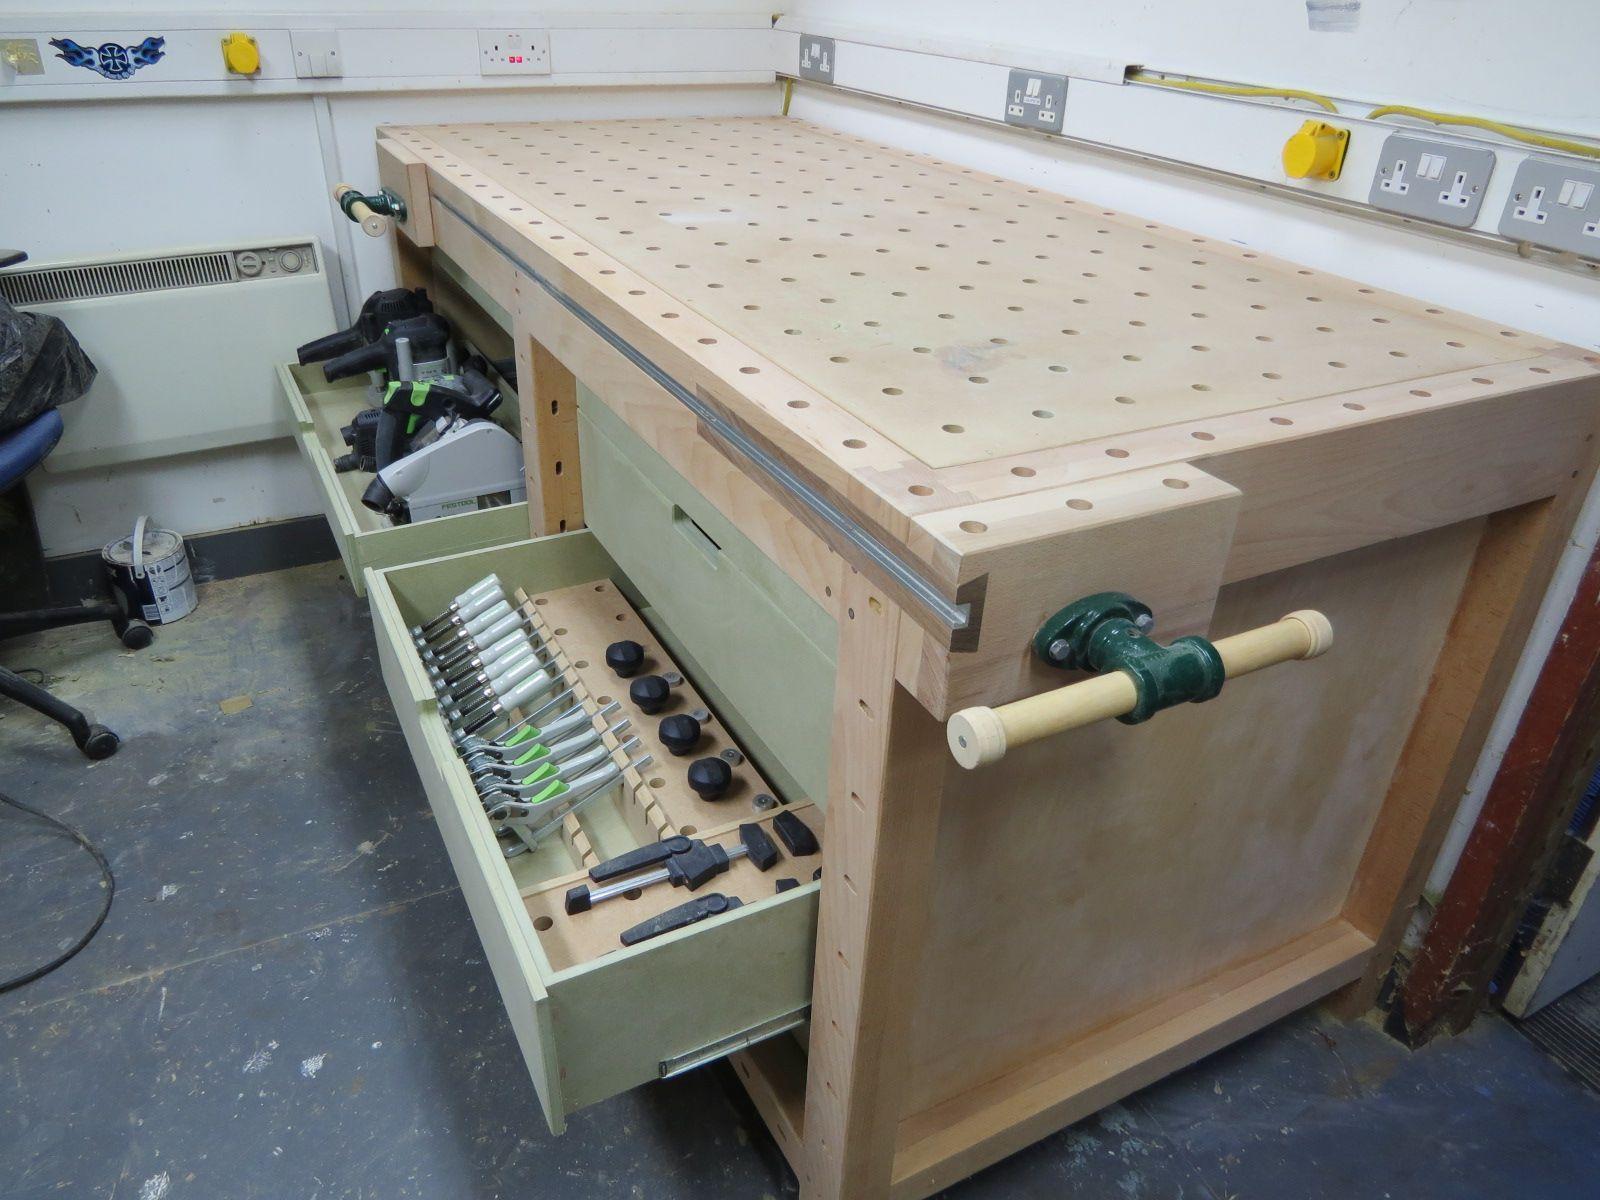 Construire Un Etabli Multifonction workbench with festool storage | idées d'établi, etabli bois